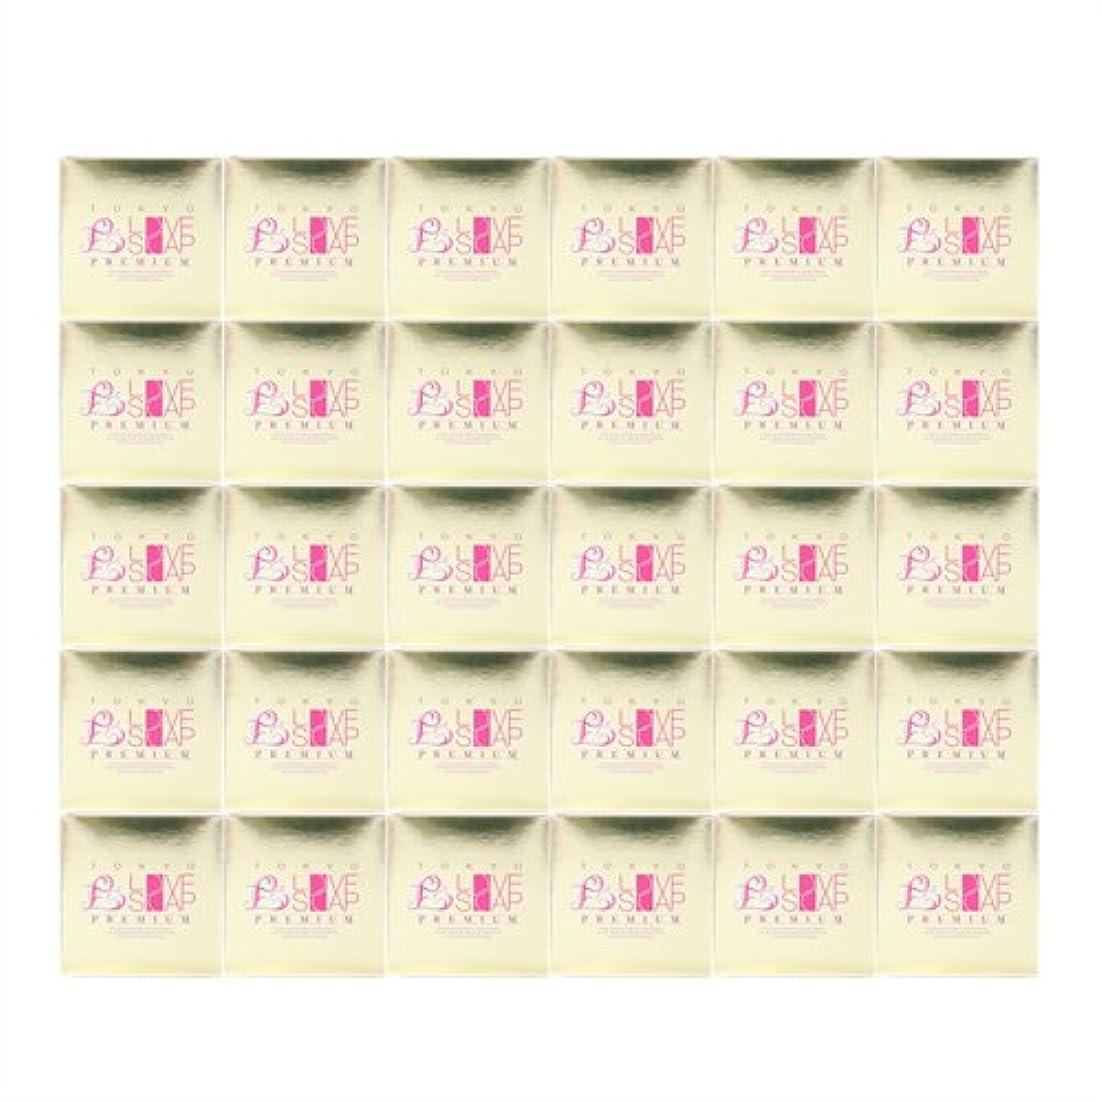 素人テクスチャー記念碑東京ラブソープ プレミアム (100g) x30個 セット